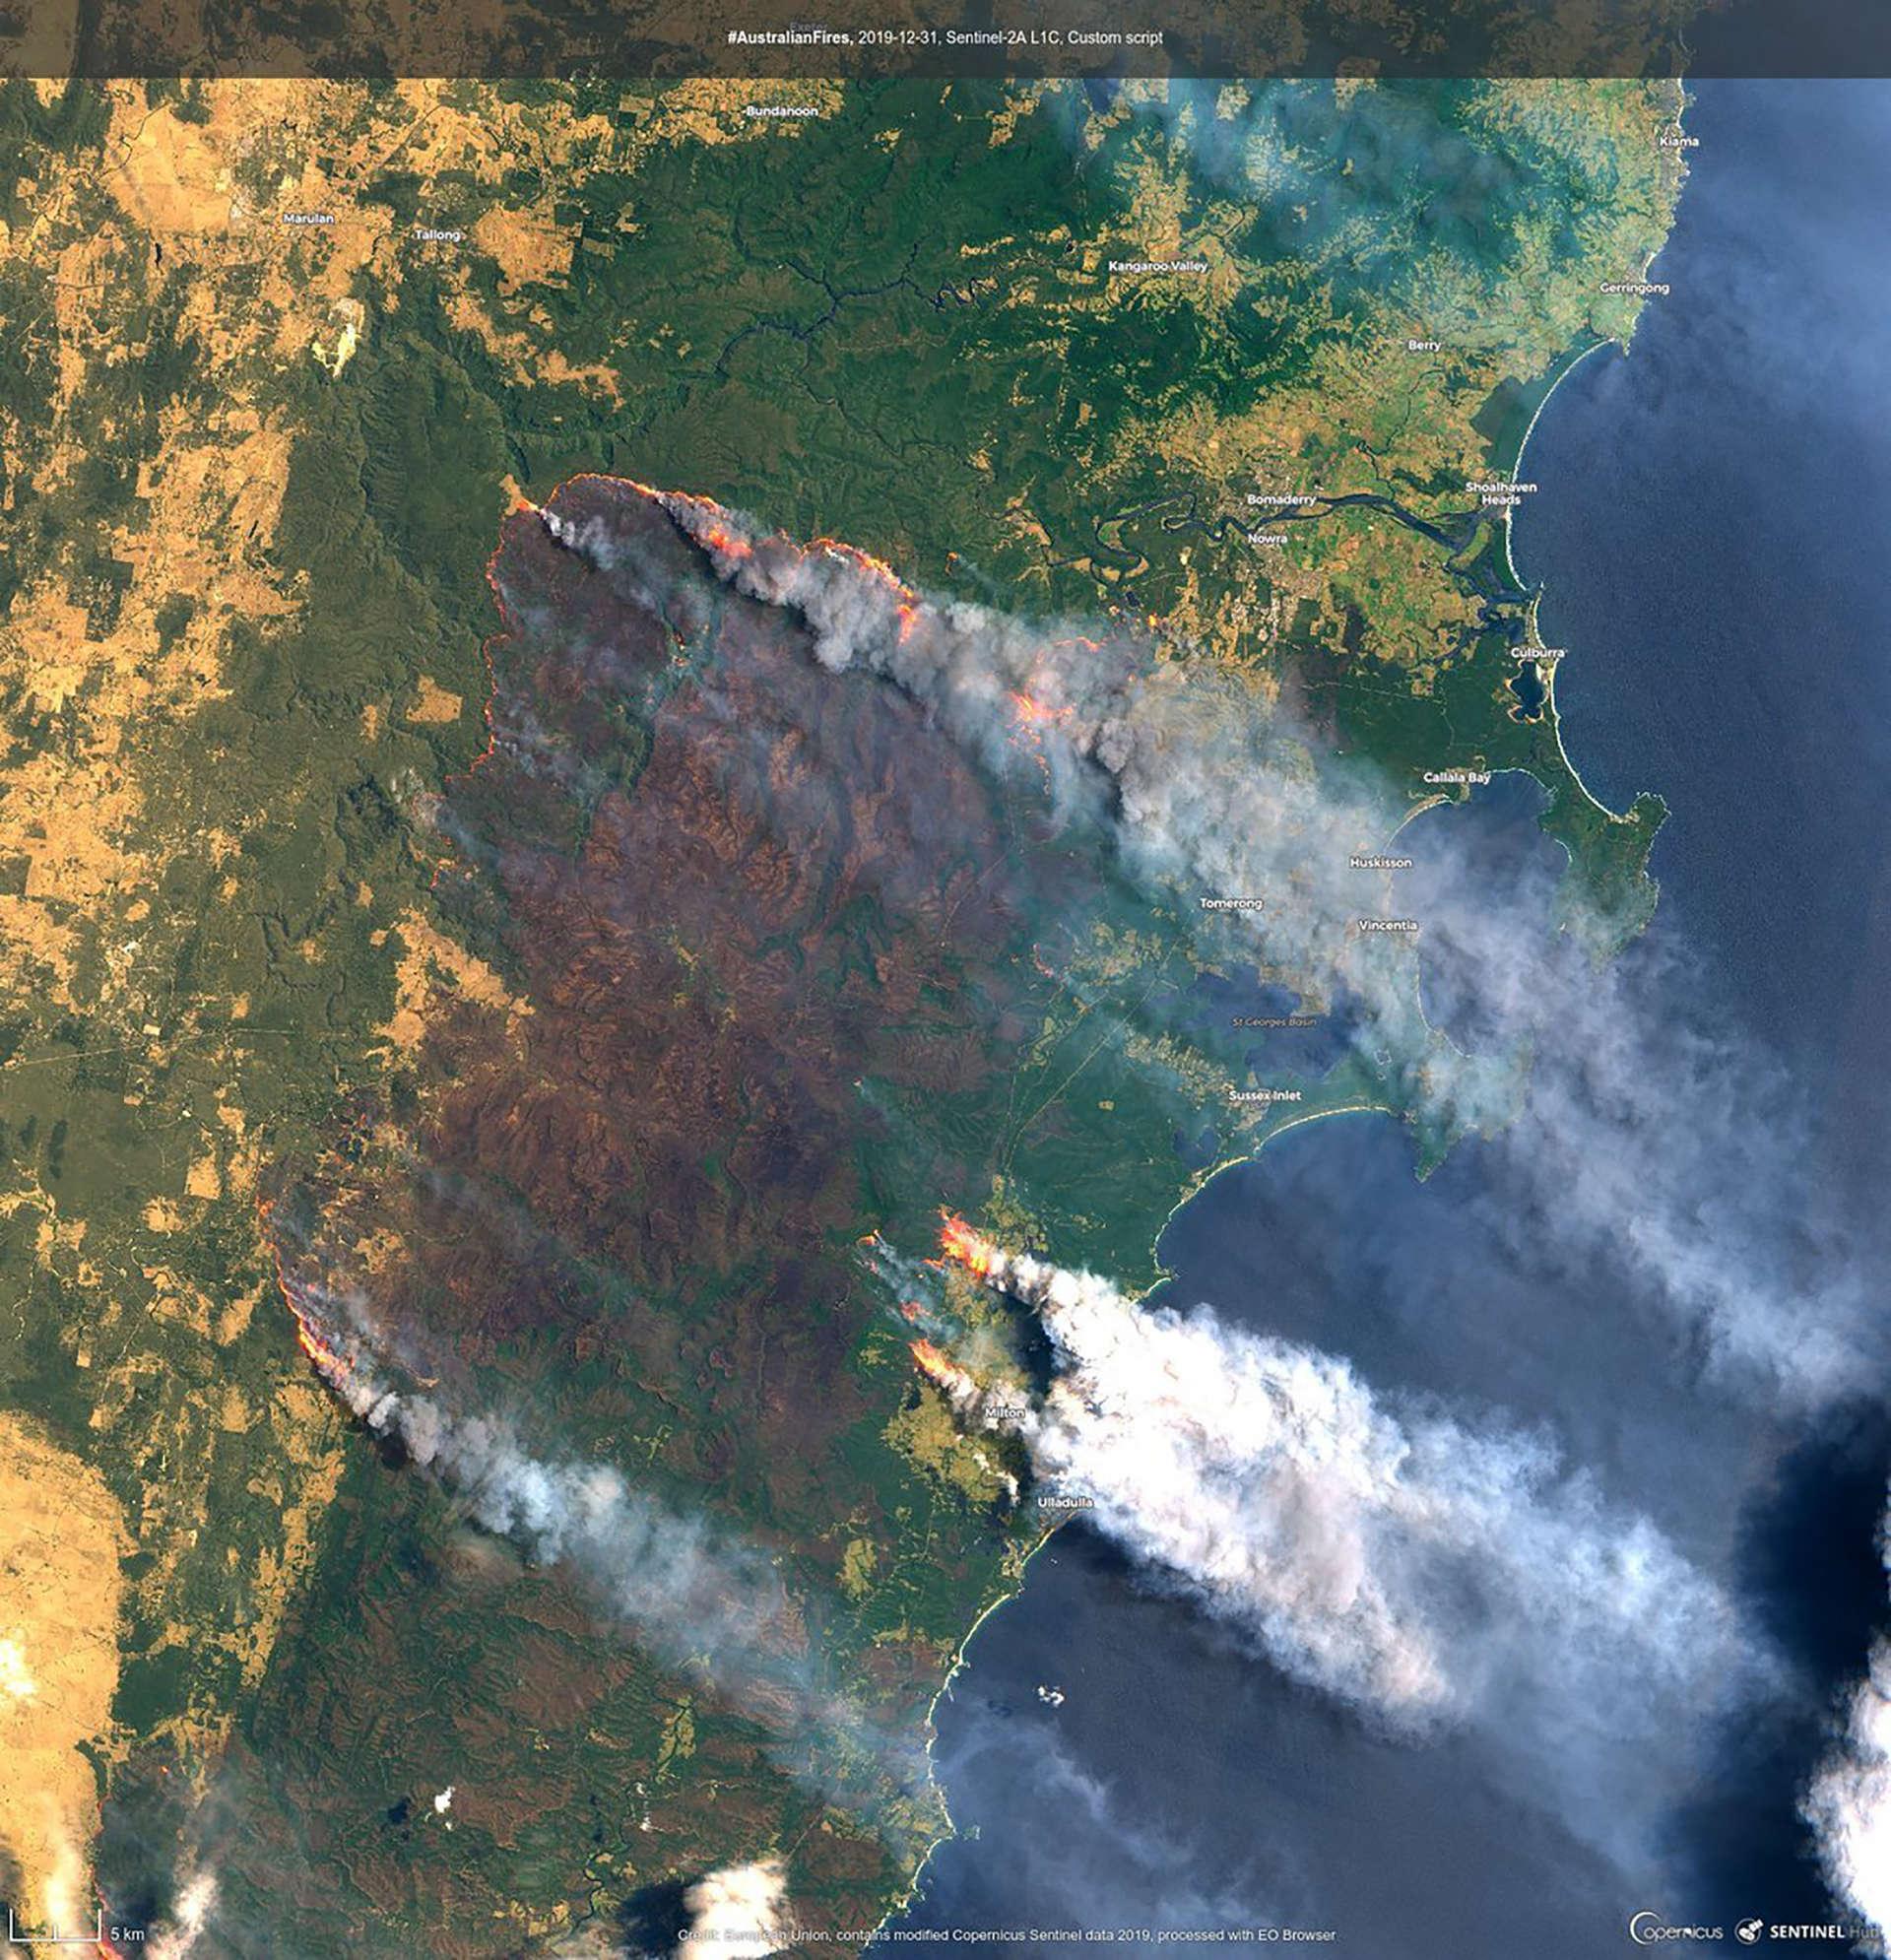 Image satellite des dégâtsà Clyde Mountain, à 200 kilomètres de Sydney, le 31décembre. Cette photo couvre une zone de plus de 100 km de côté.